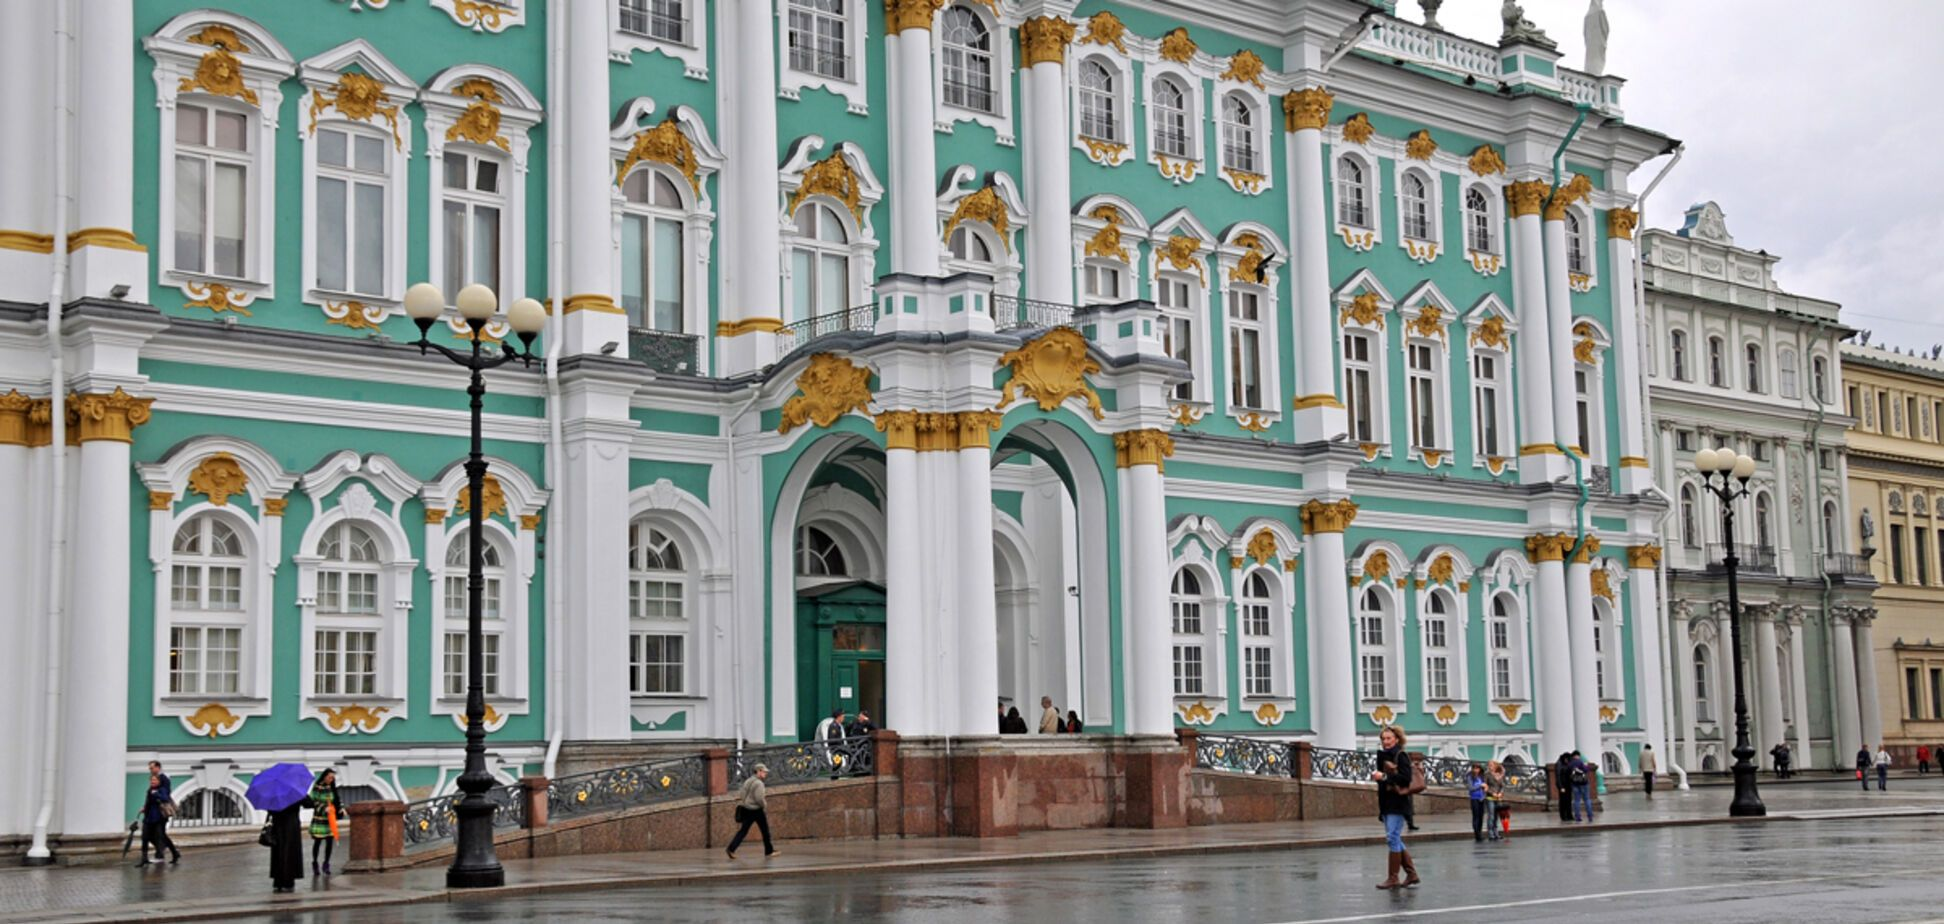 'Пи*датый музей': сеть шокировала выходка россиянина в Эрмитаже